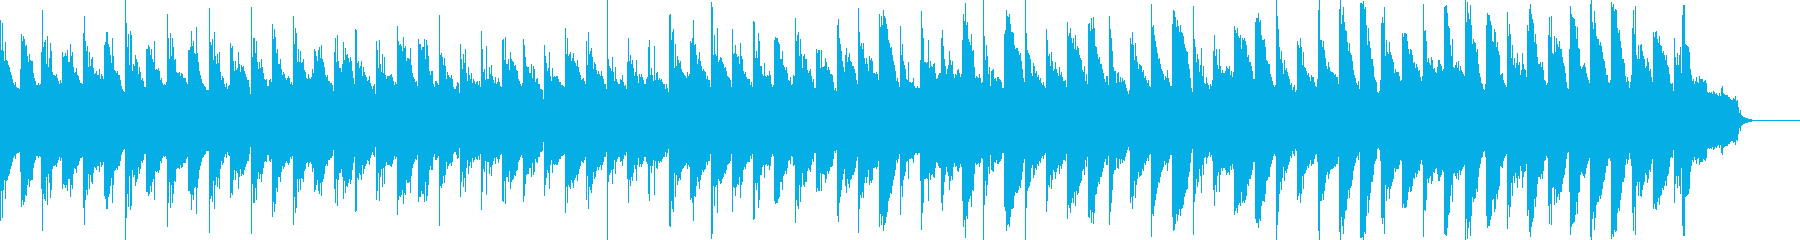 切ない雰囲気のアコギピアノストリングスの再生済みの波形